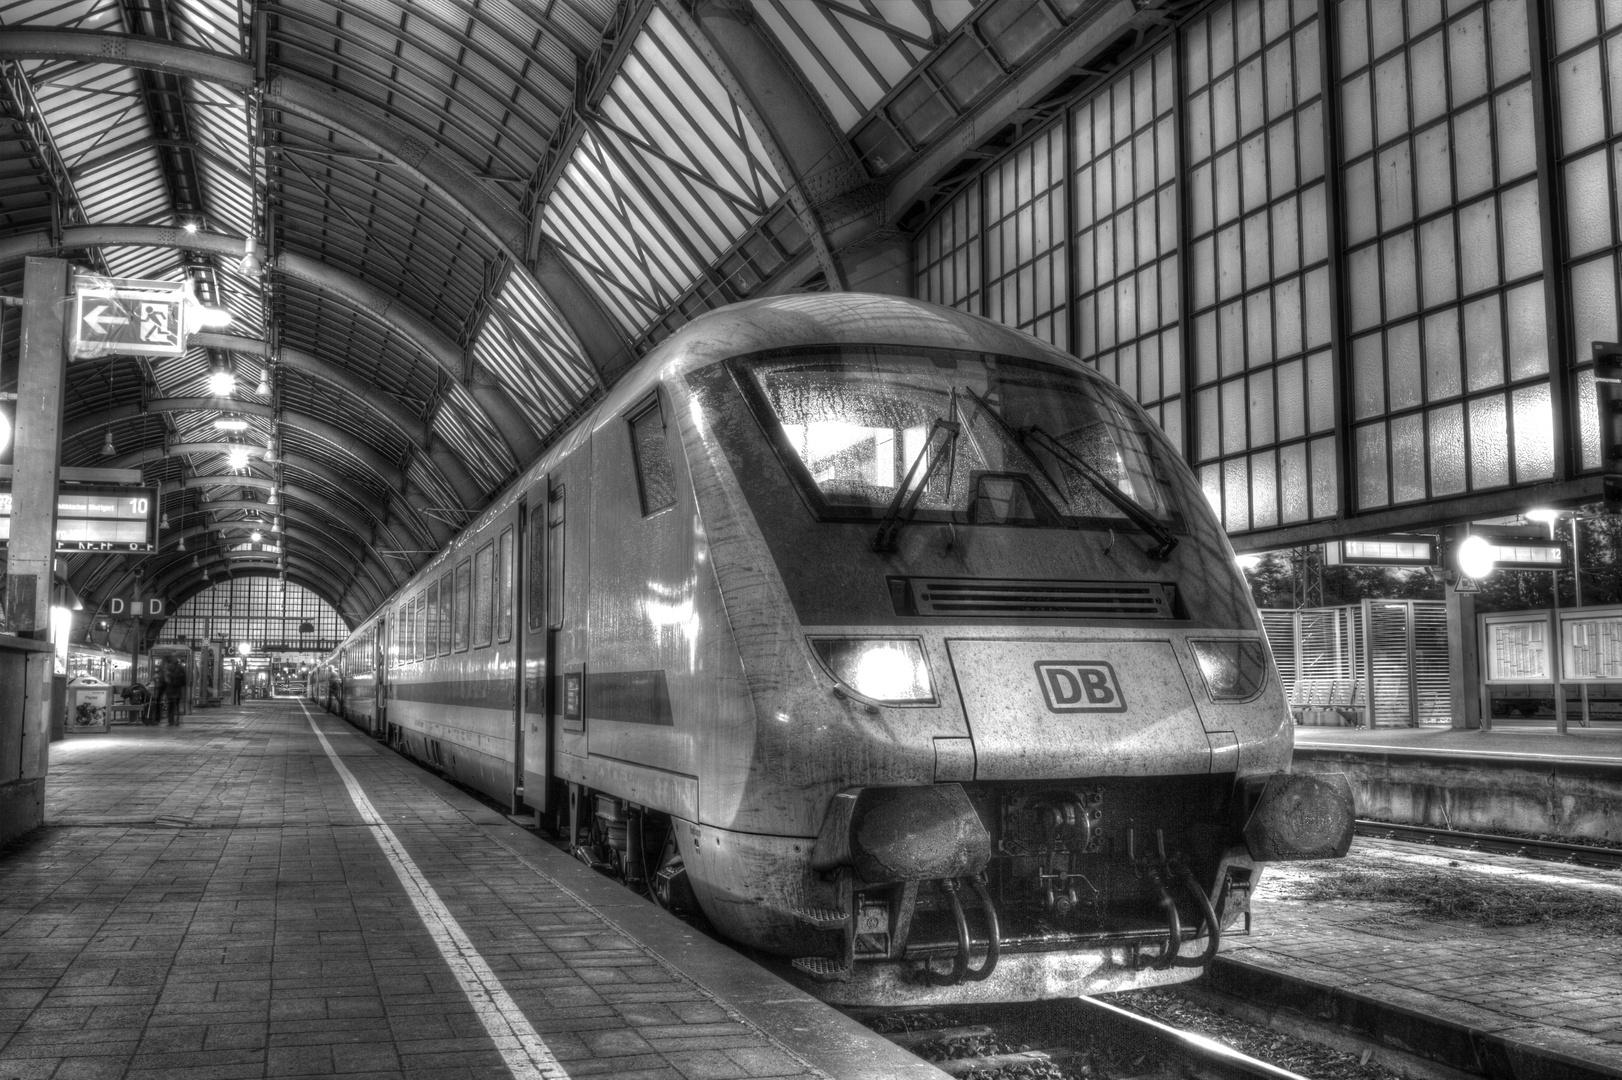 Bahnhof am Morgen